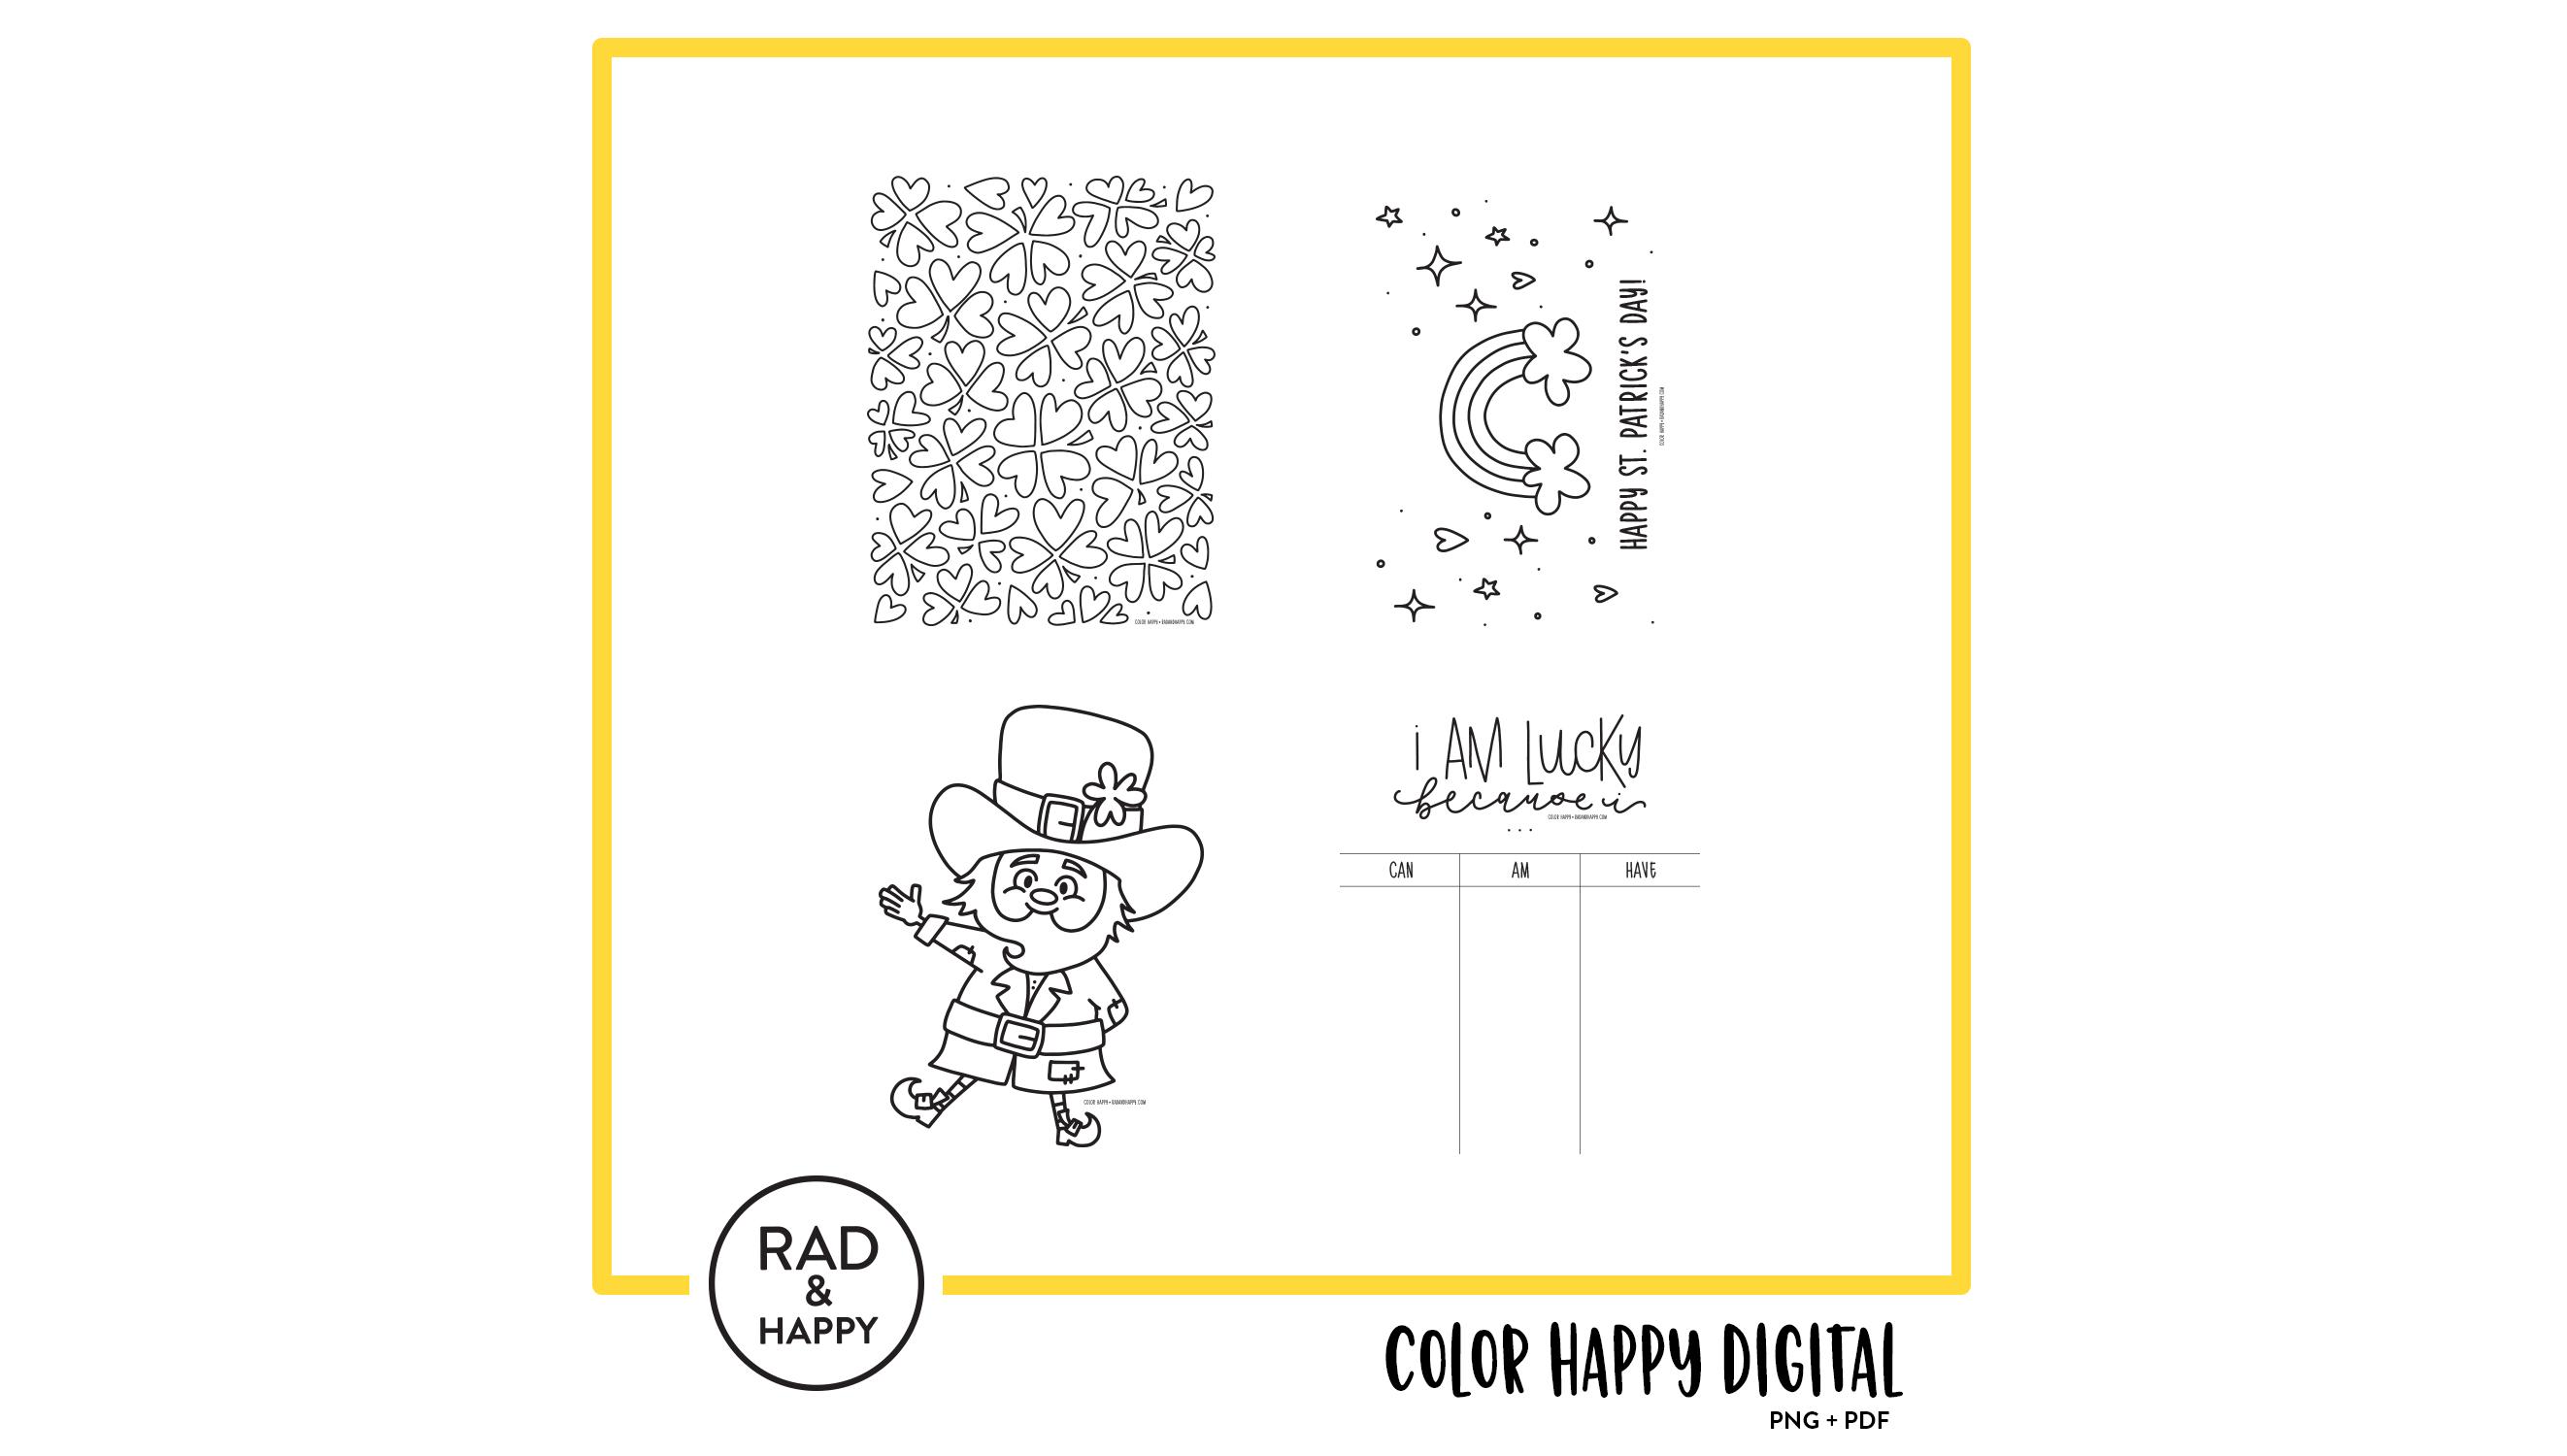 Color Happy   RAD HAPPY 2644x1500